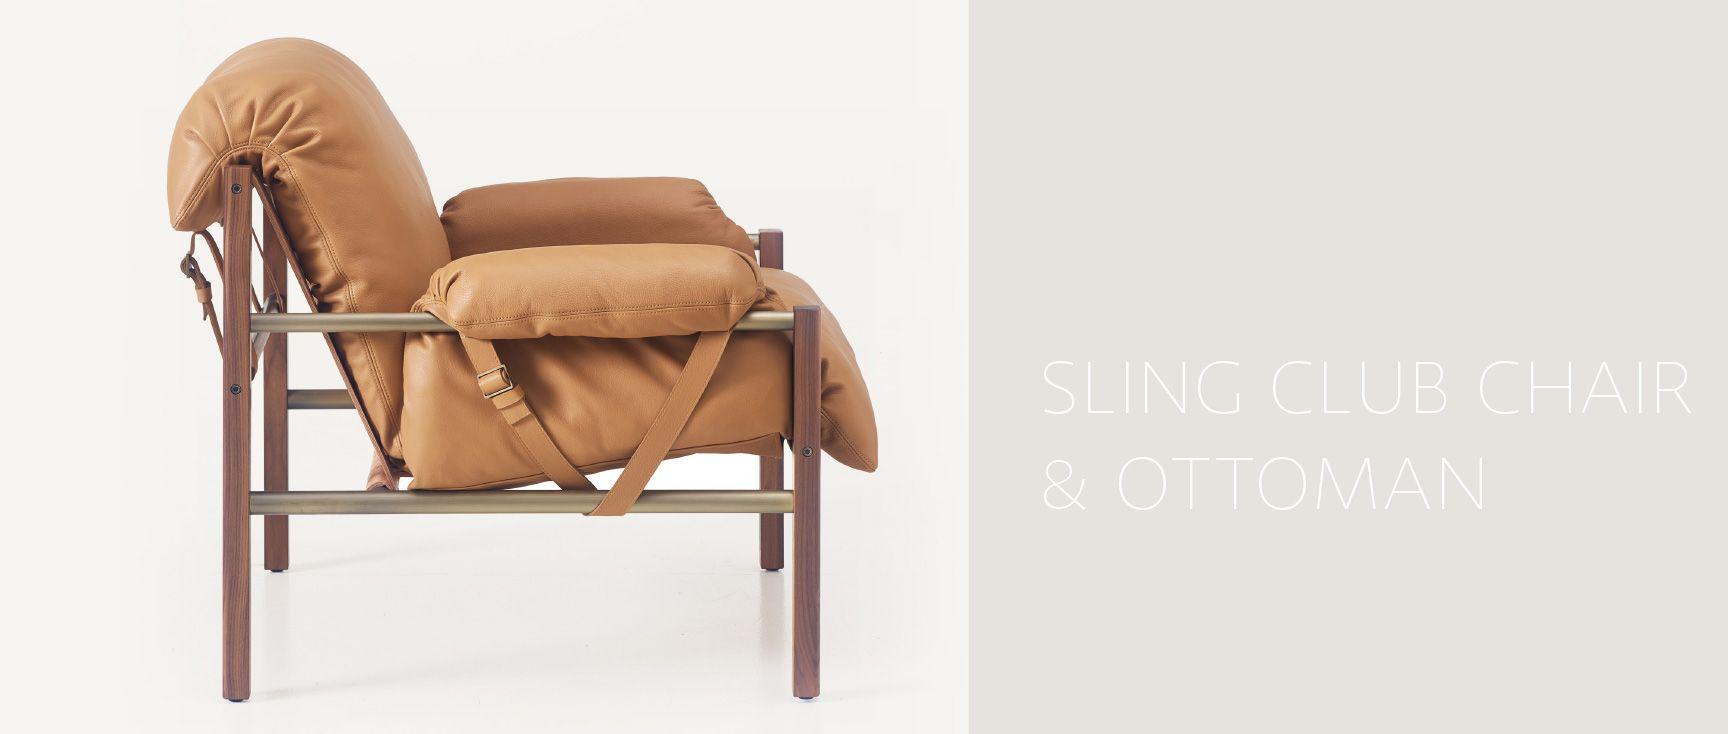 Surprising Bassamfellows Sling Club Chair And Ottoman Spiritservingveterans Wood Chair Design Ideas Spiritservingveteransorg